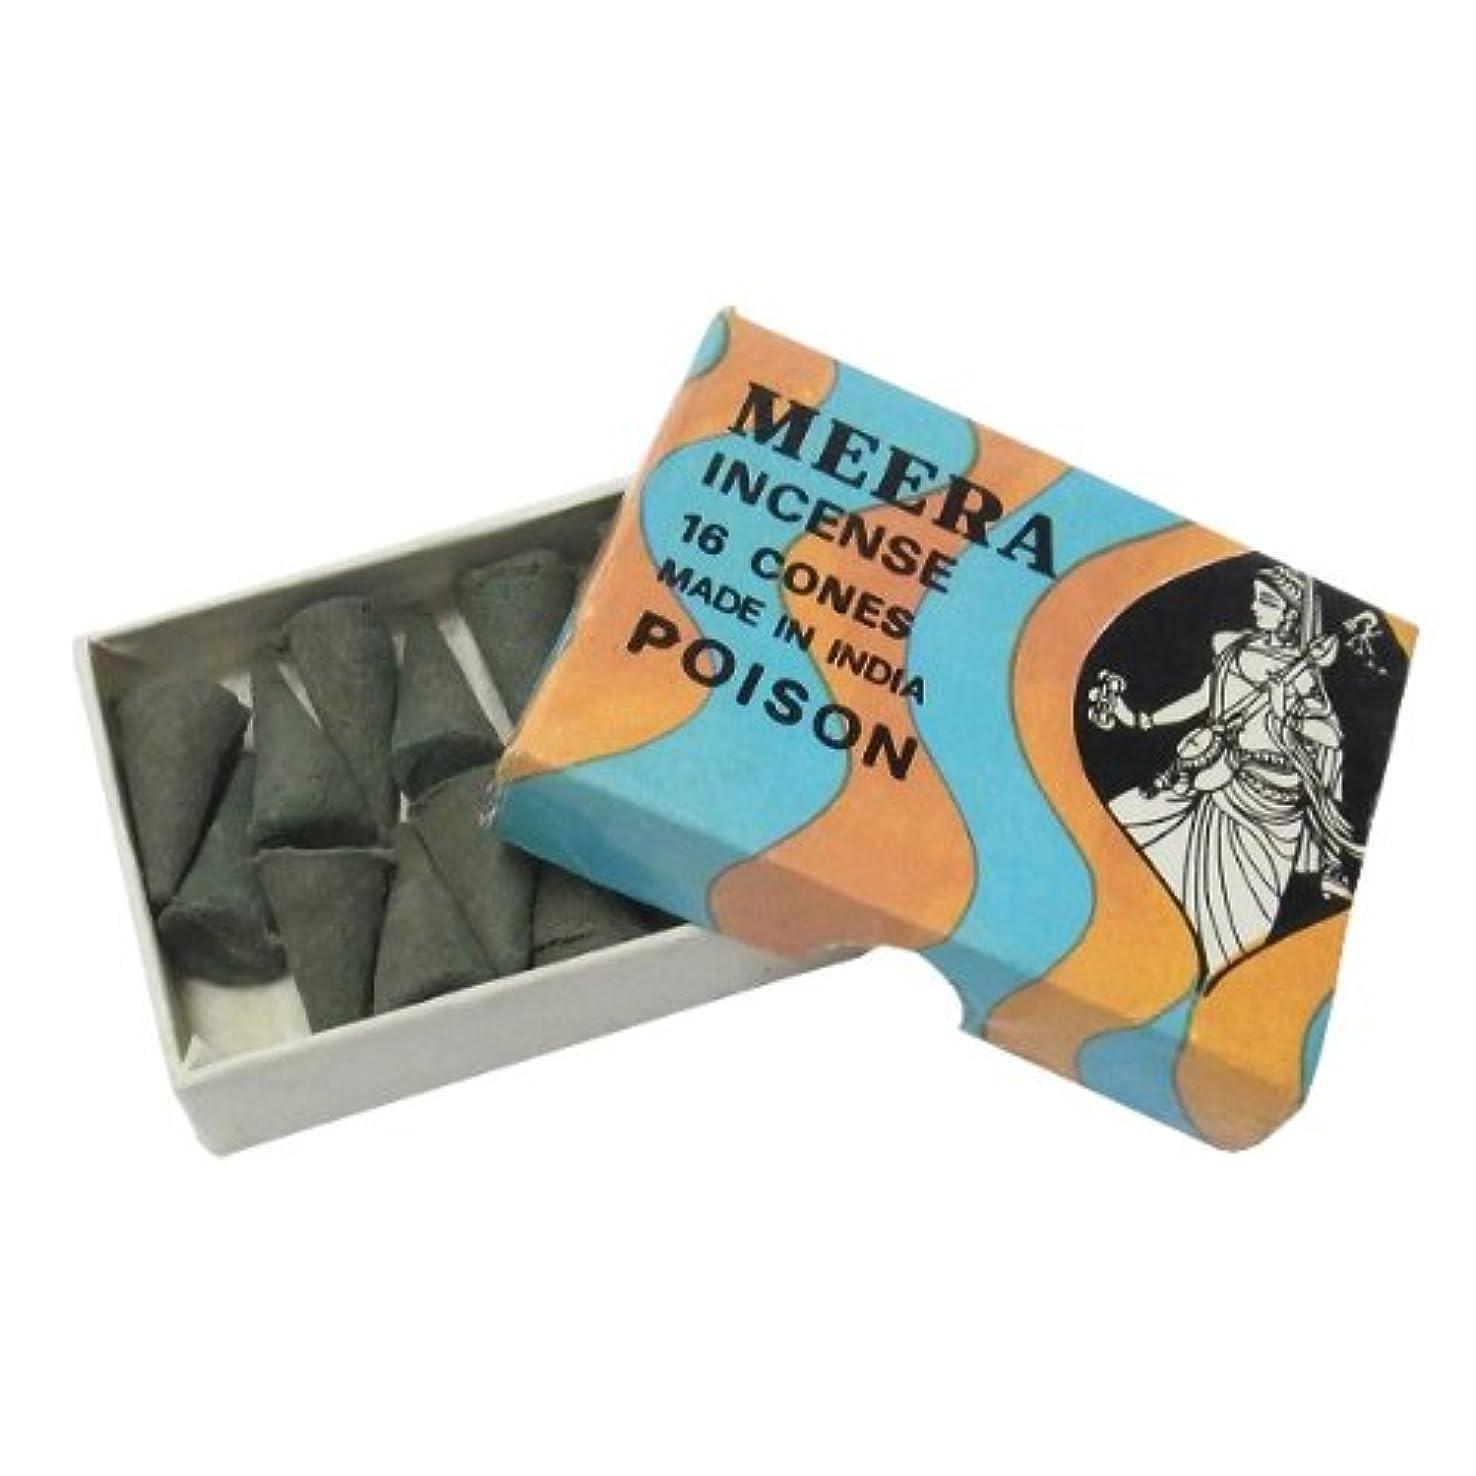 耐久ハンサム過度にポイズンのお香(MEERA) コーン型お香 インド香